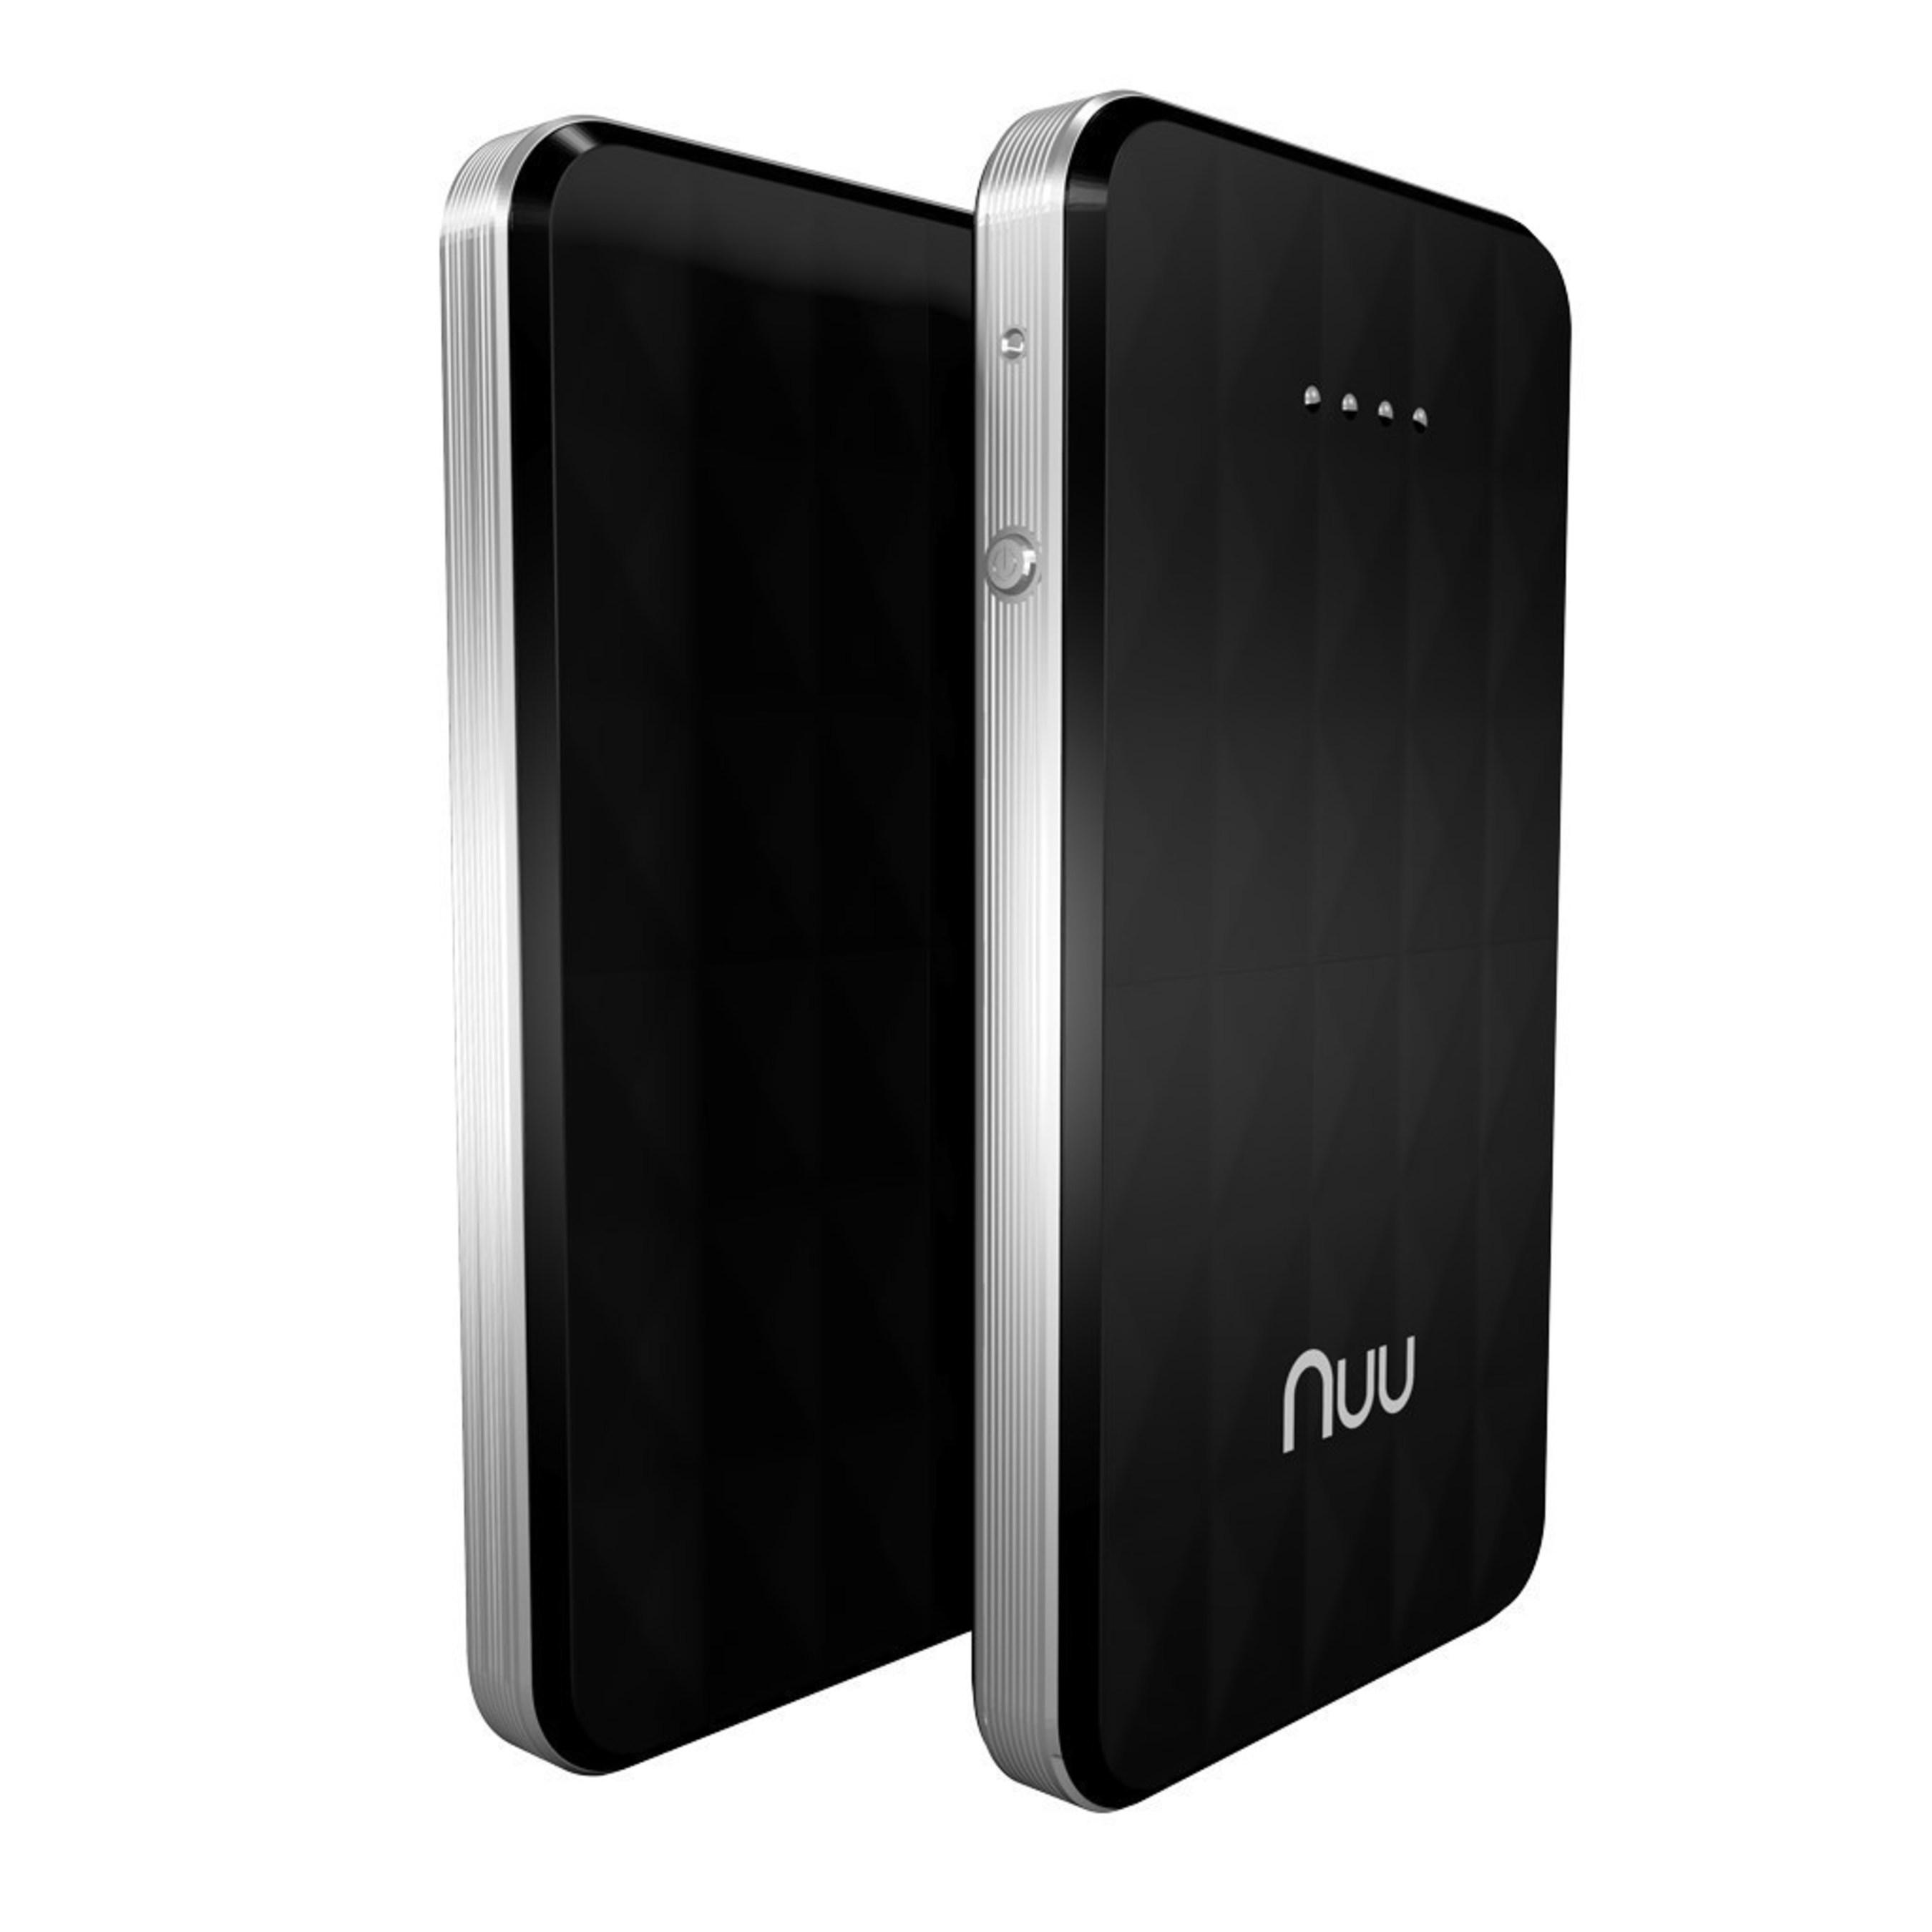 NUU Mobile kündigt Verfügbarkeit von Roaming-Services in über 100 Ländern an